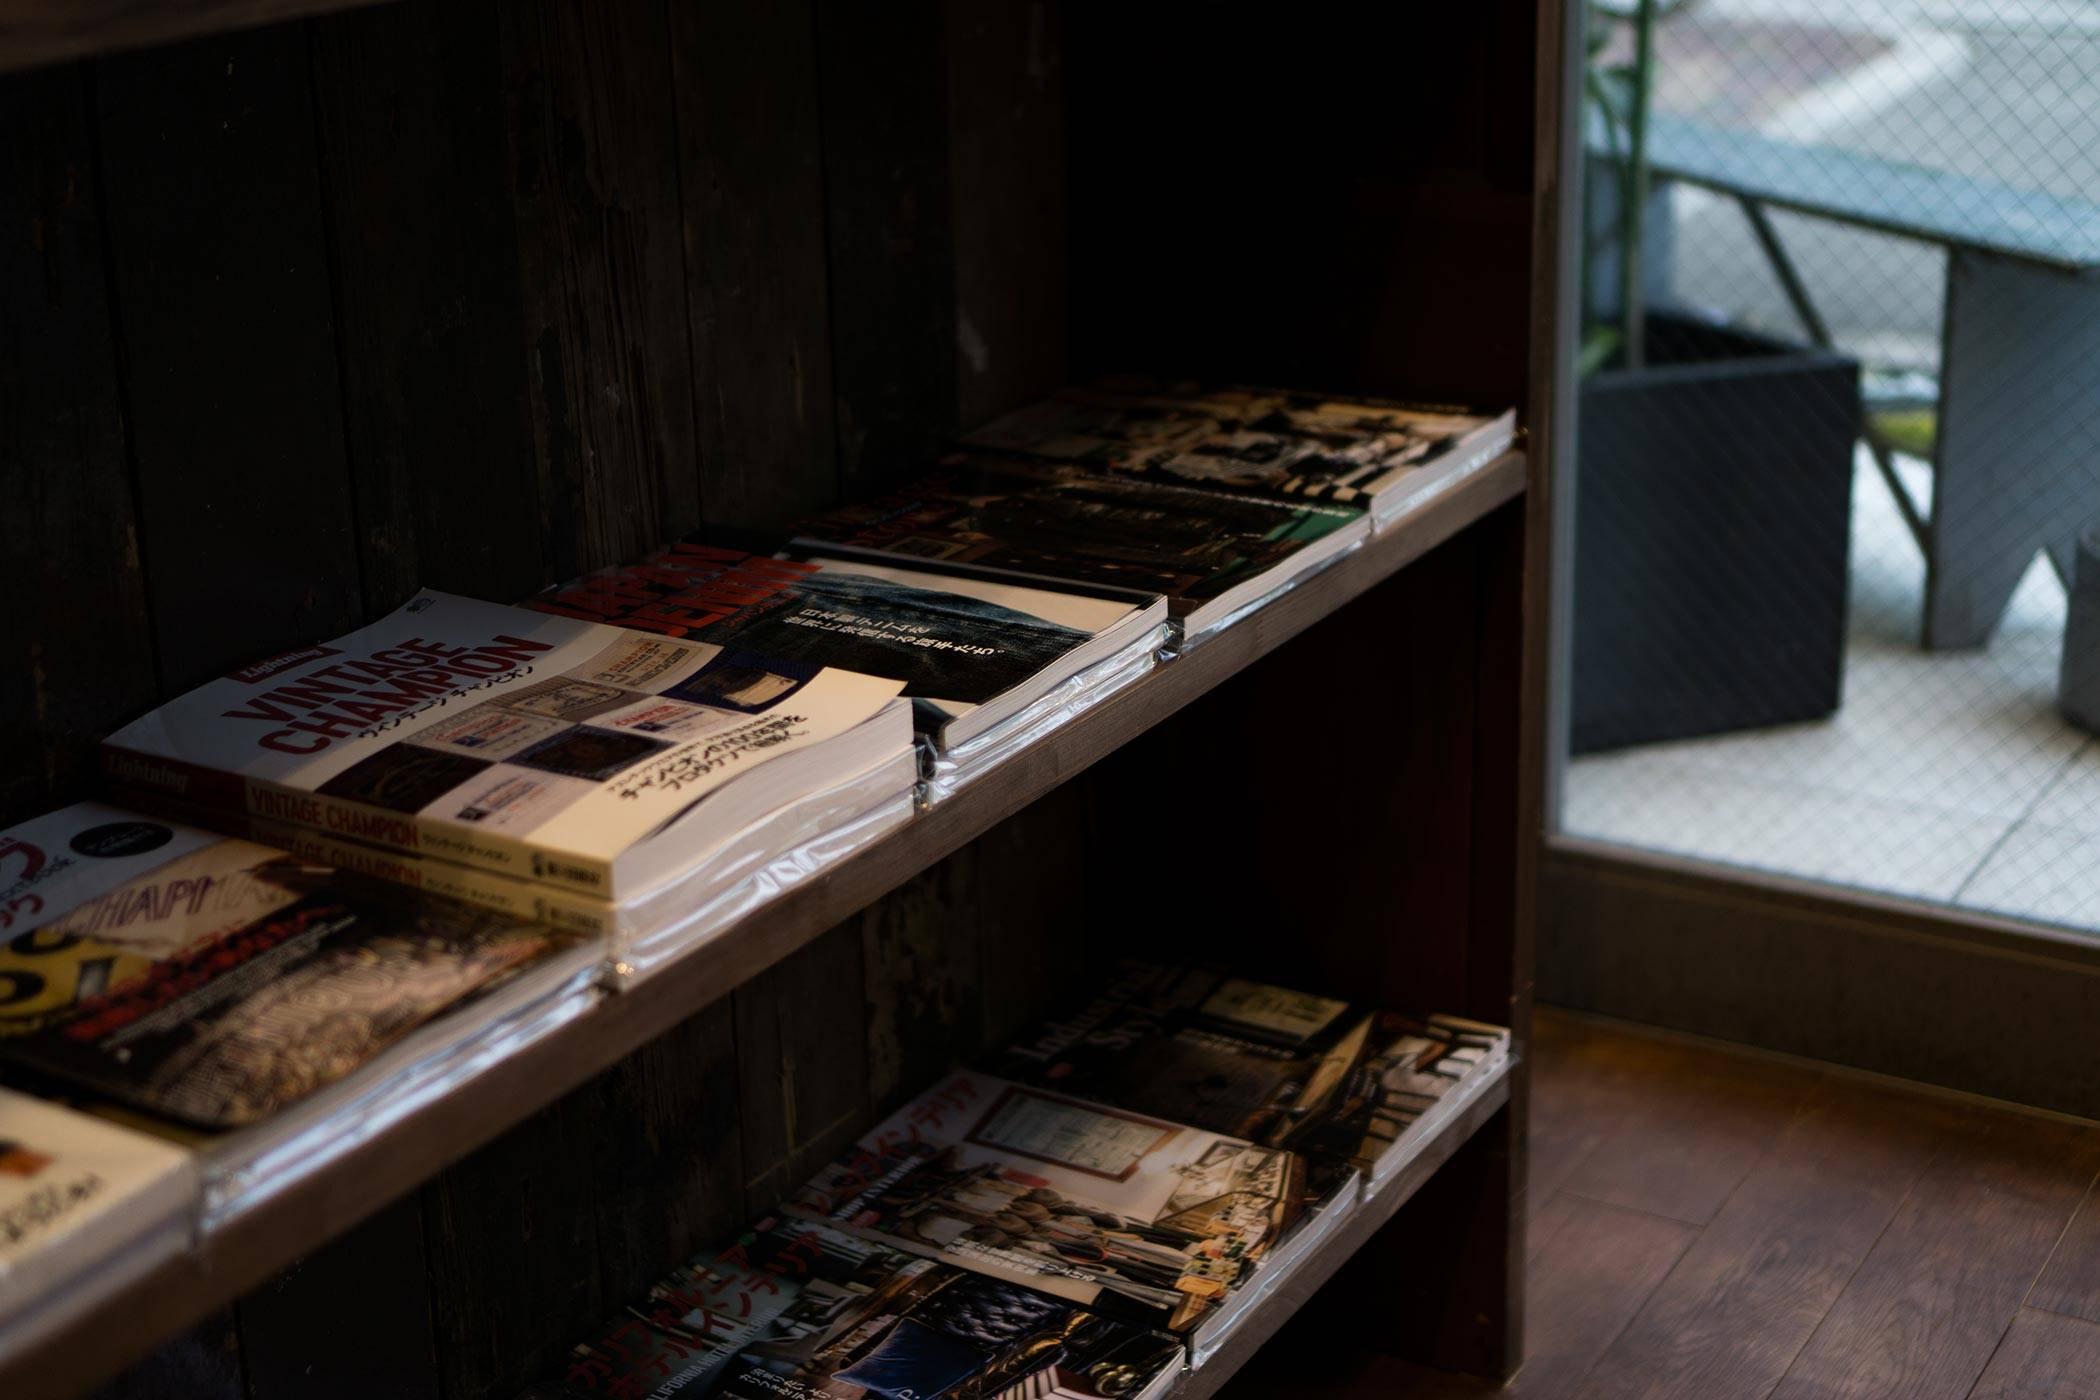 CLUTCH CAFE OSAKA 開放的なロケーションでコーヒーもファッションも楽しんで